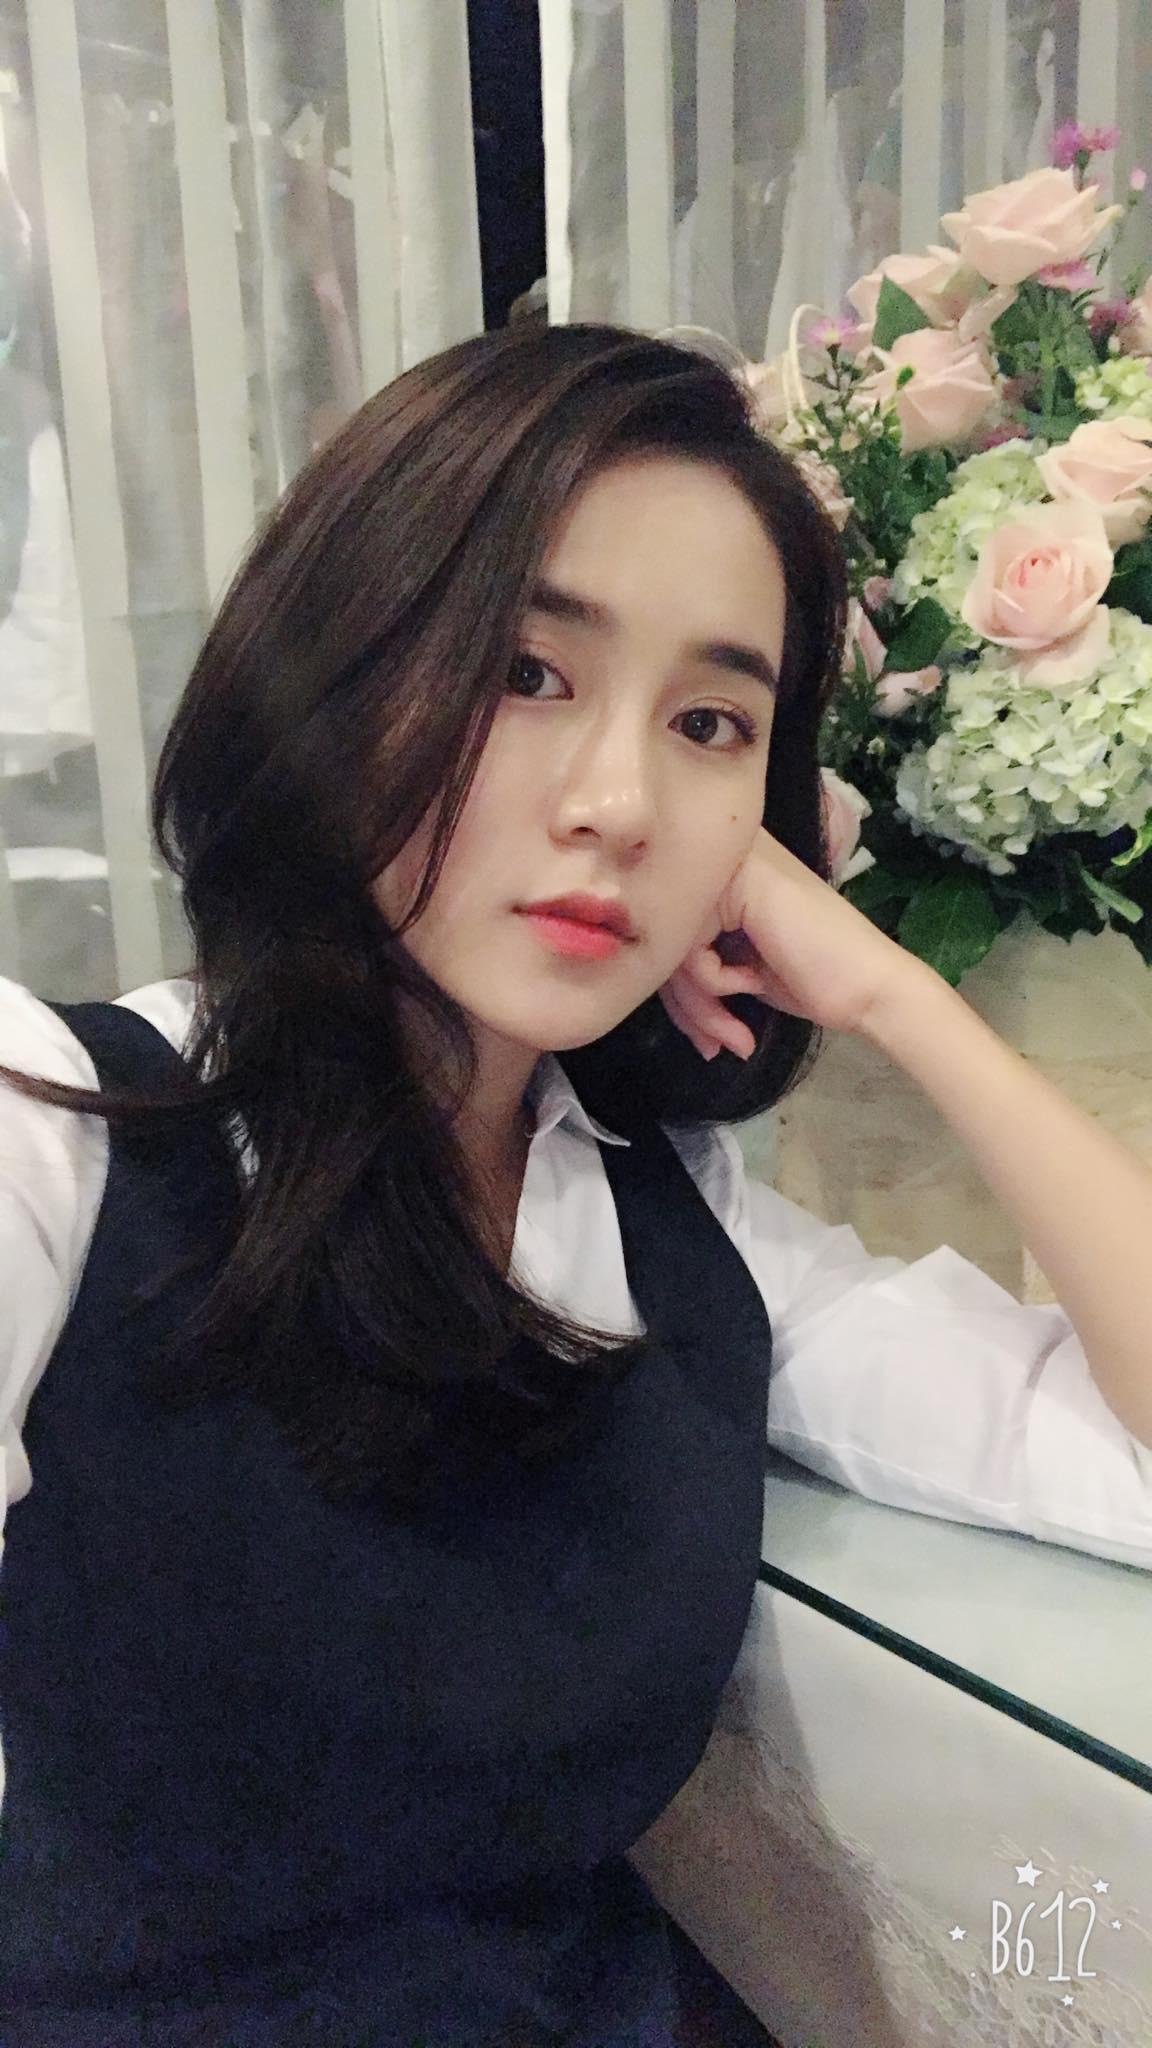 Nhan sắc hiện tại của 3 hot girl Việt từng được mệnh danh cô bé trà sữa - Ảnh 22.